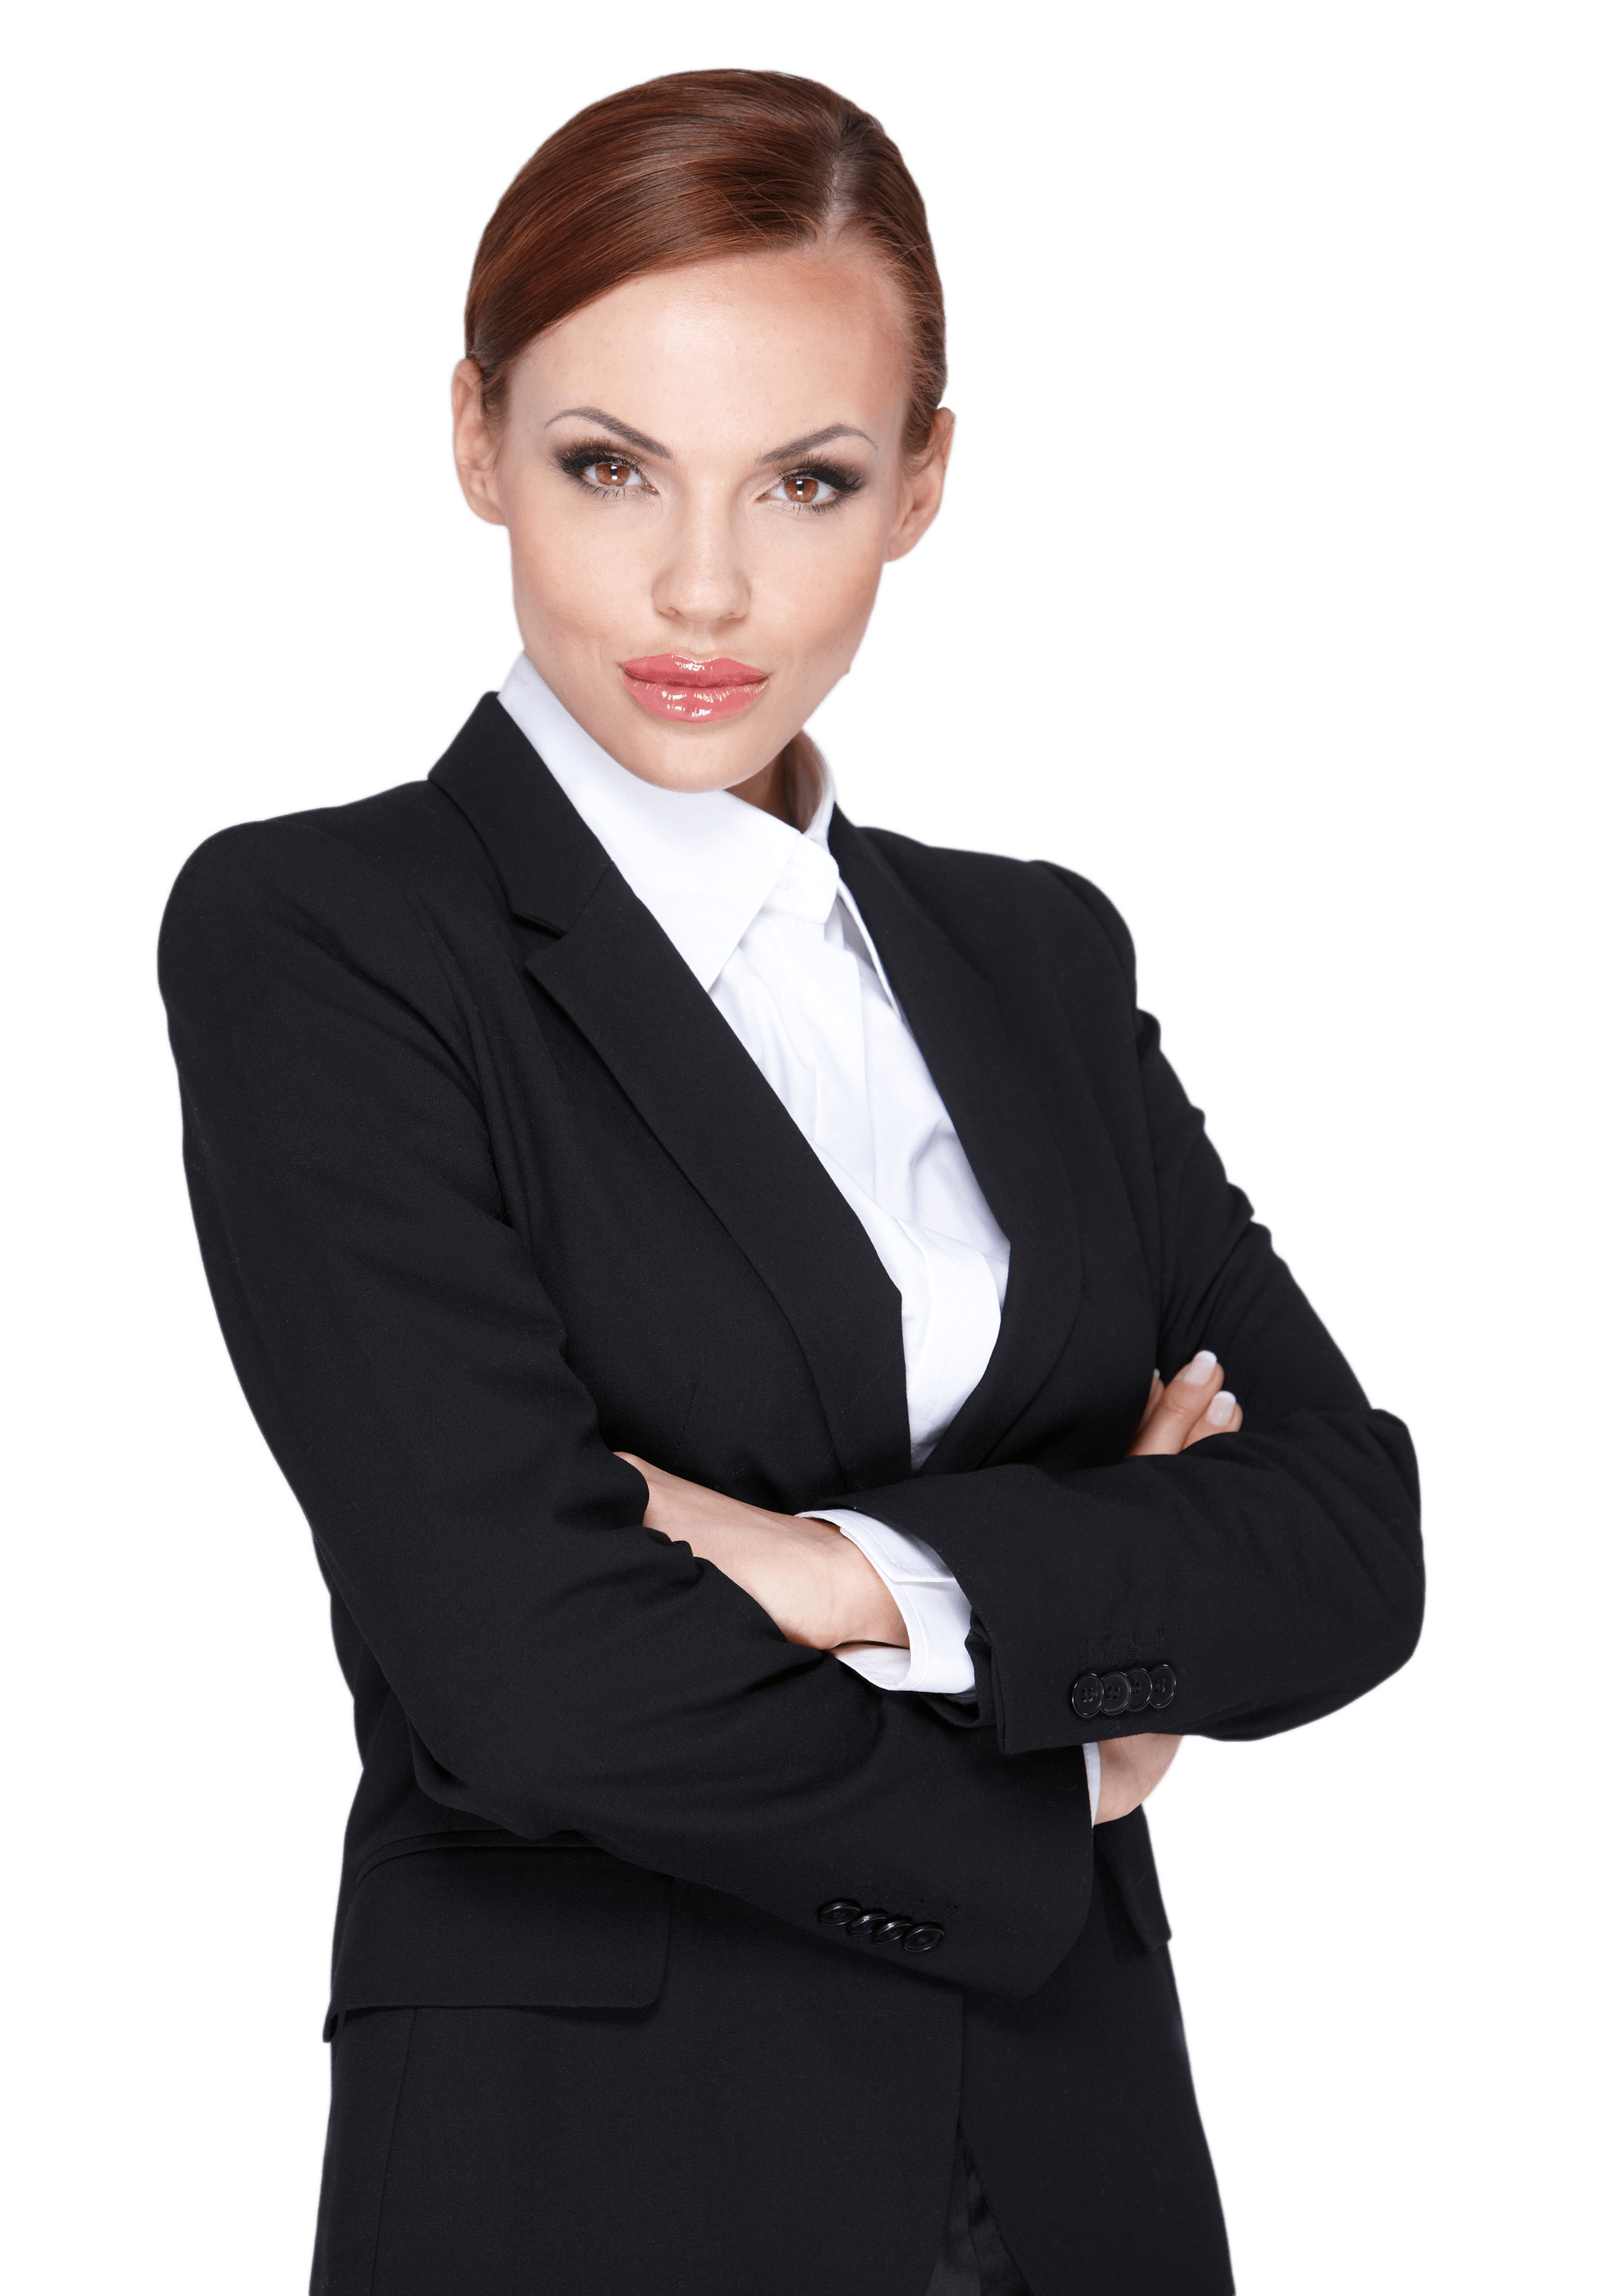 Loan Officer Ready